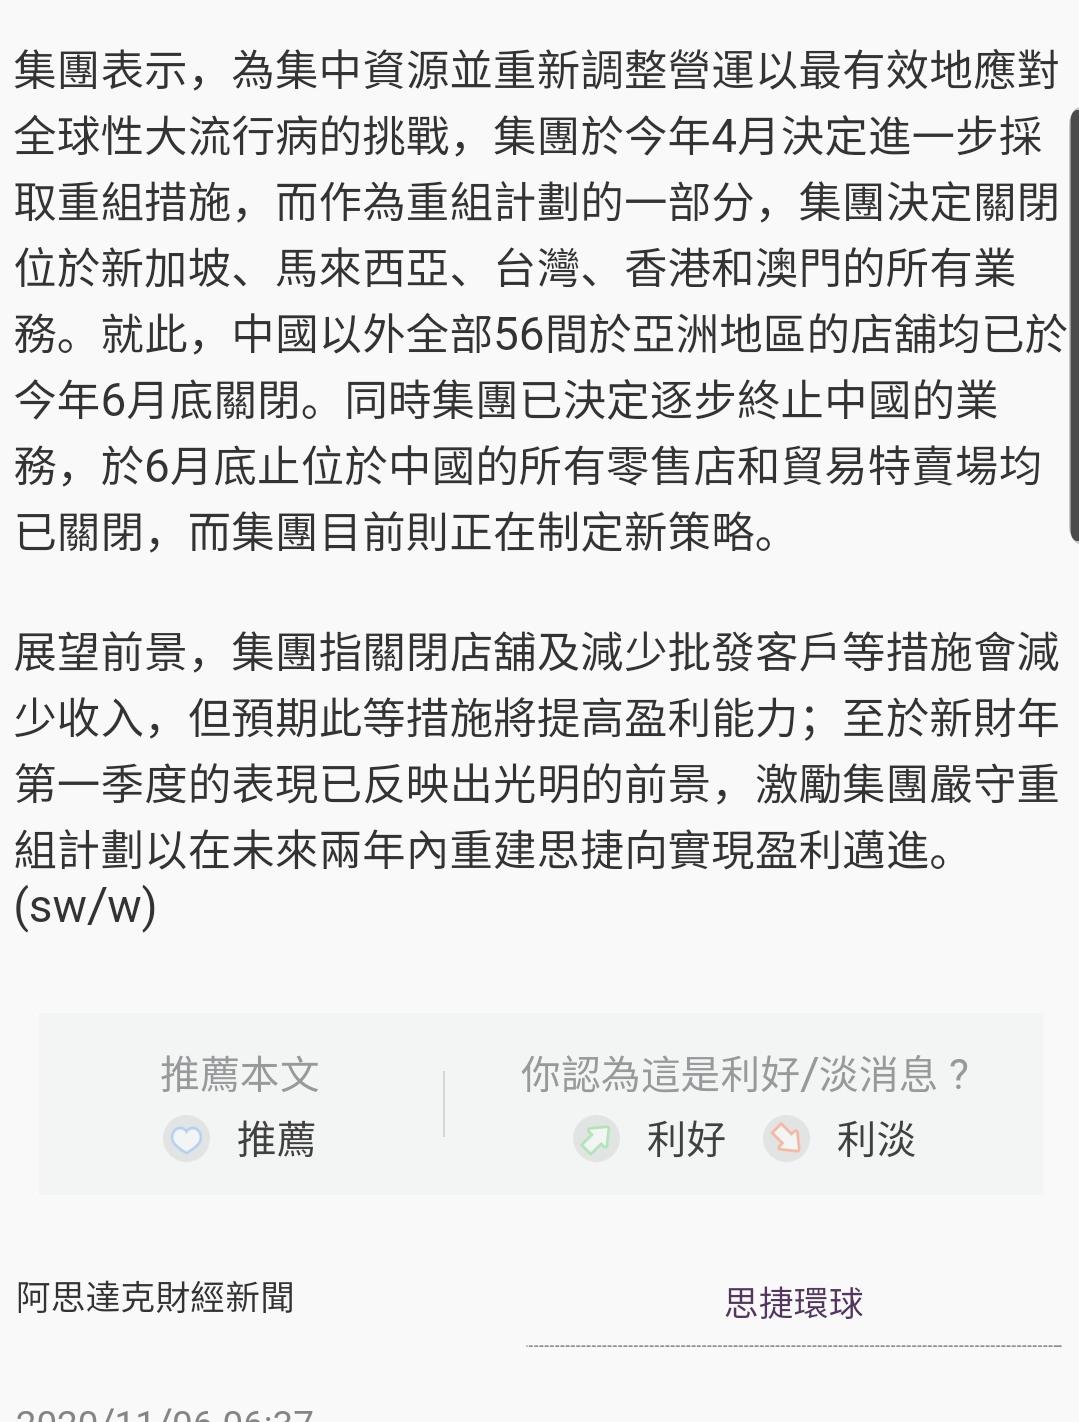 https://upload.hkgolden.media/comment/my5mb4lg.aeen5s1lmh4.iqafq0qufji.mjx.jpg